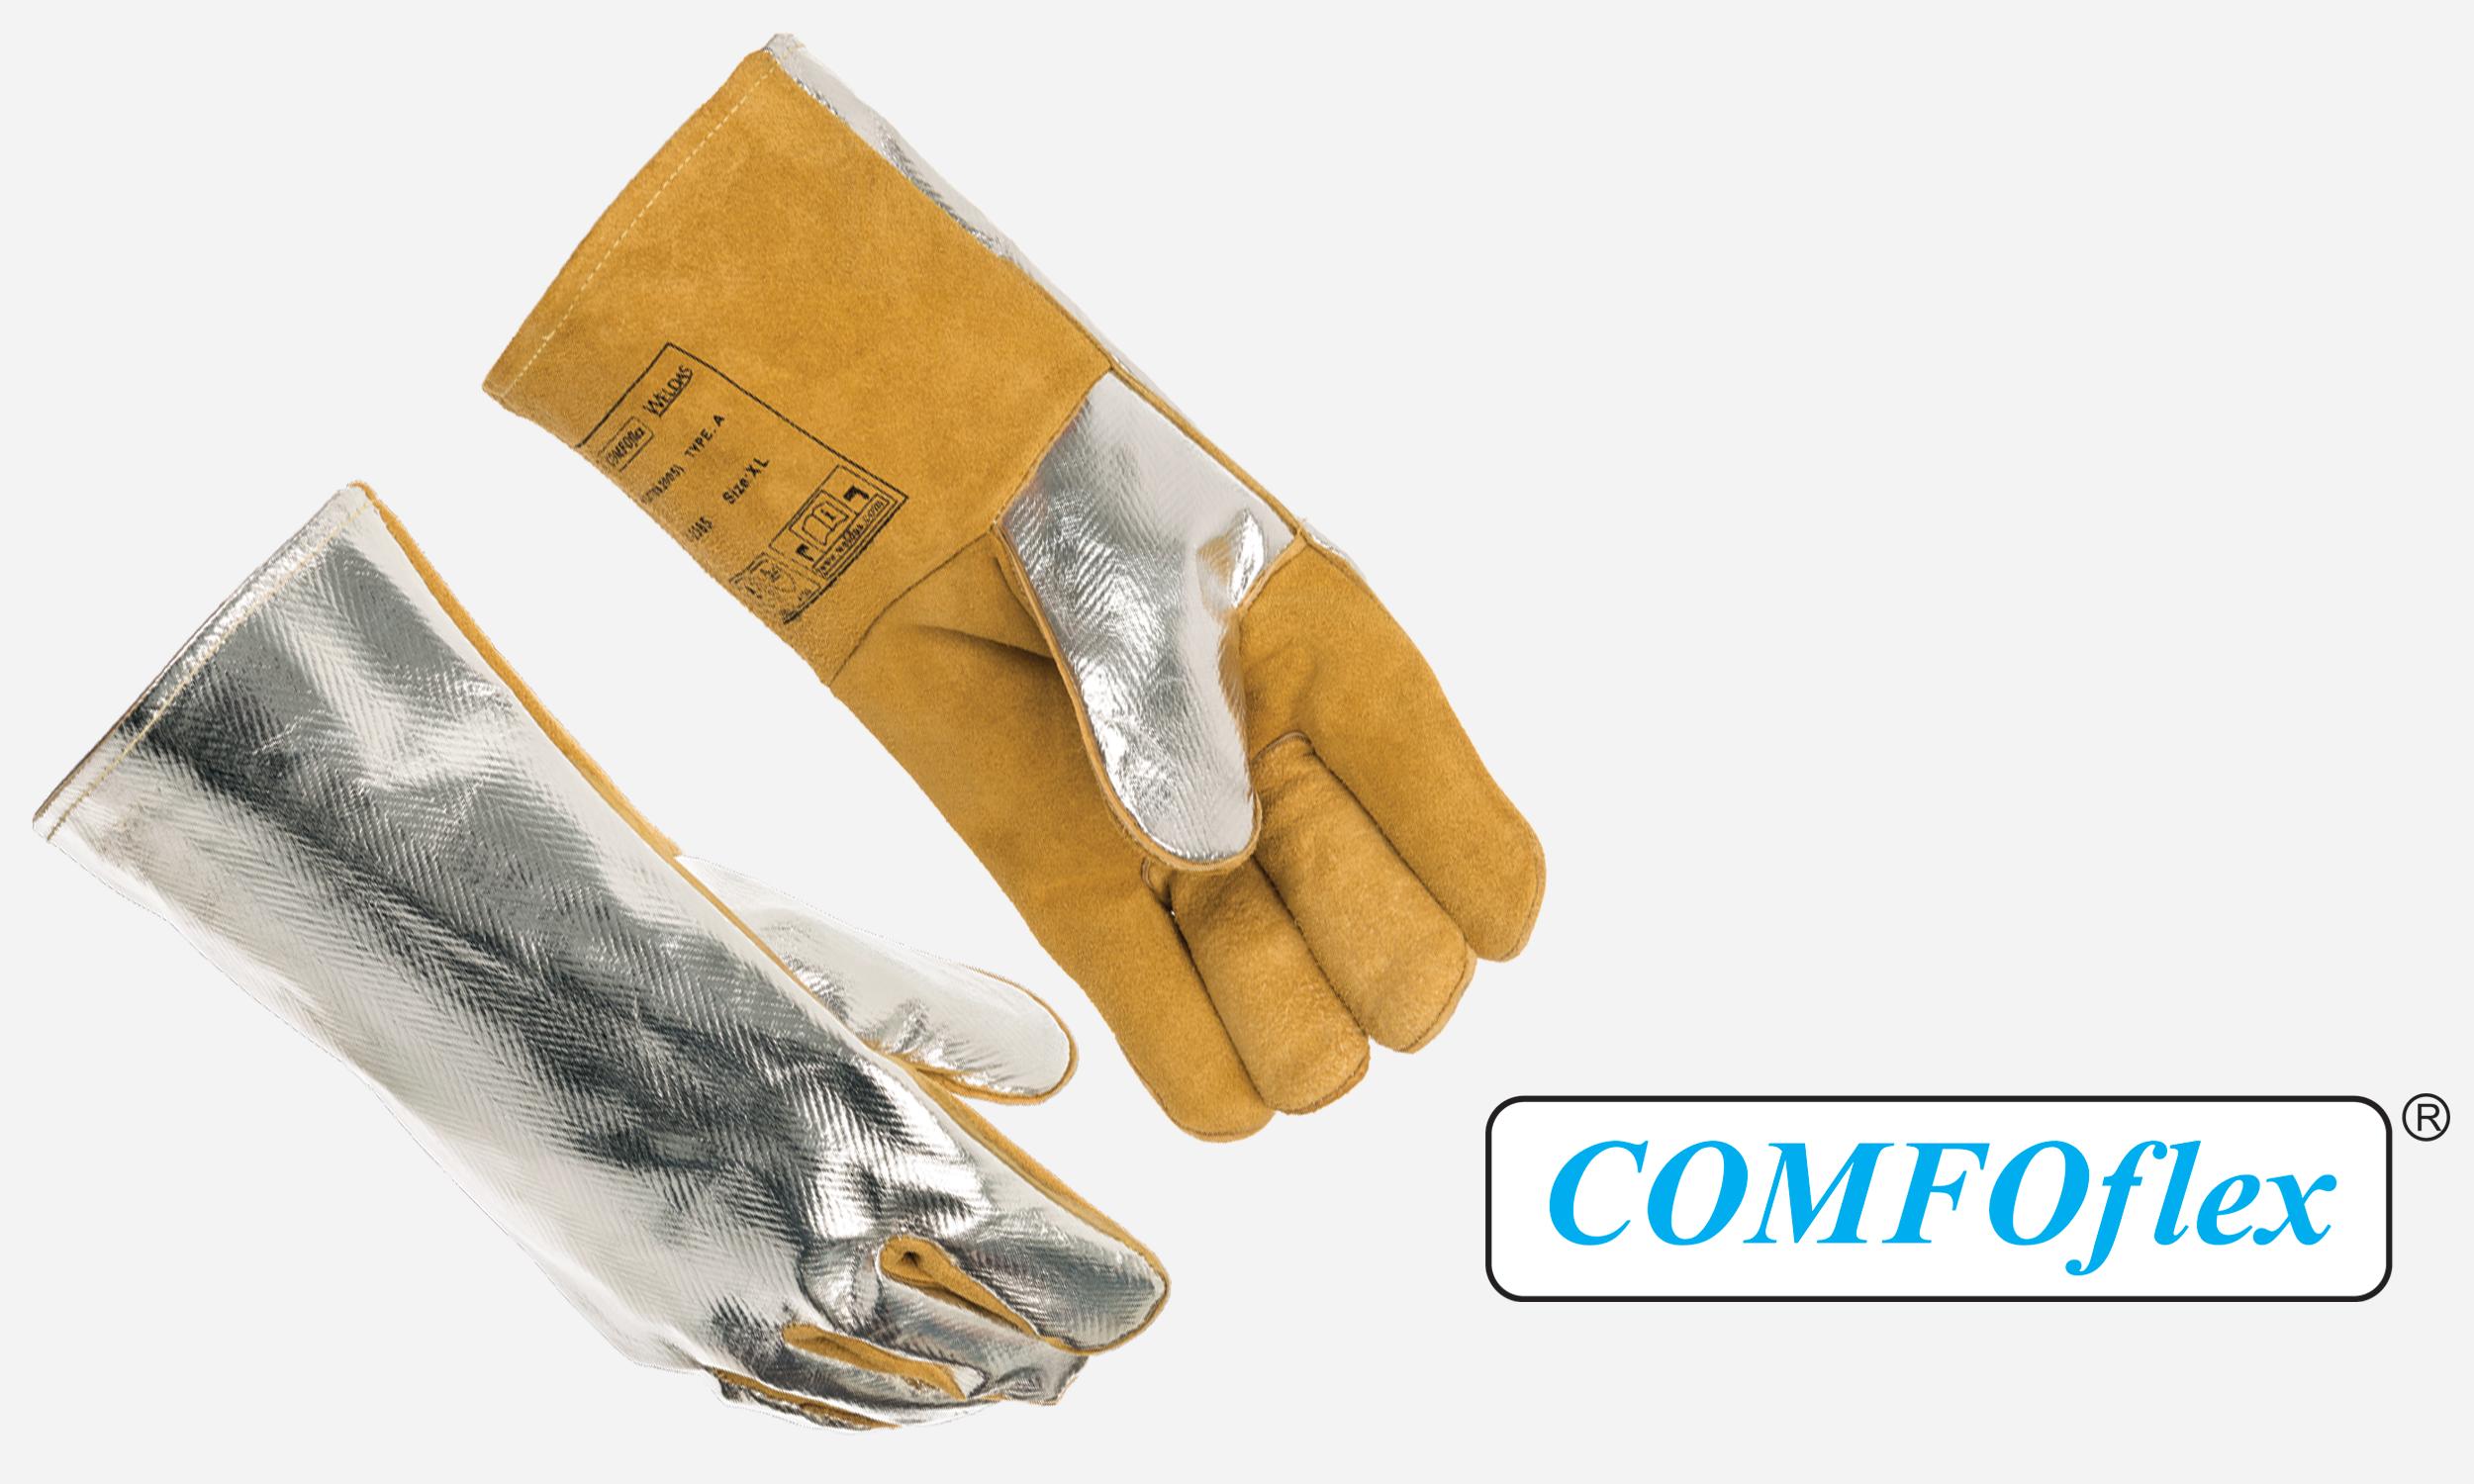 10-2385 Filled COMFOflex.png